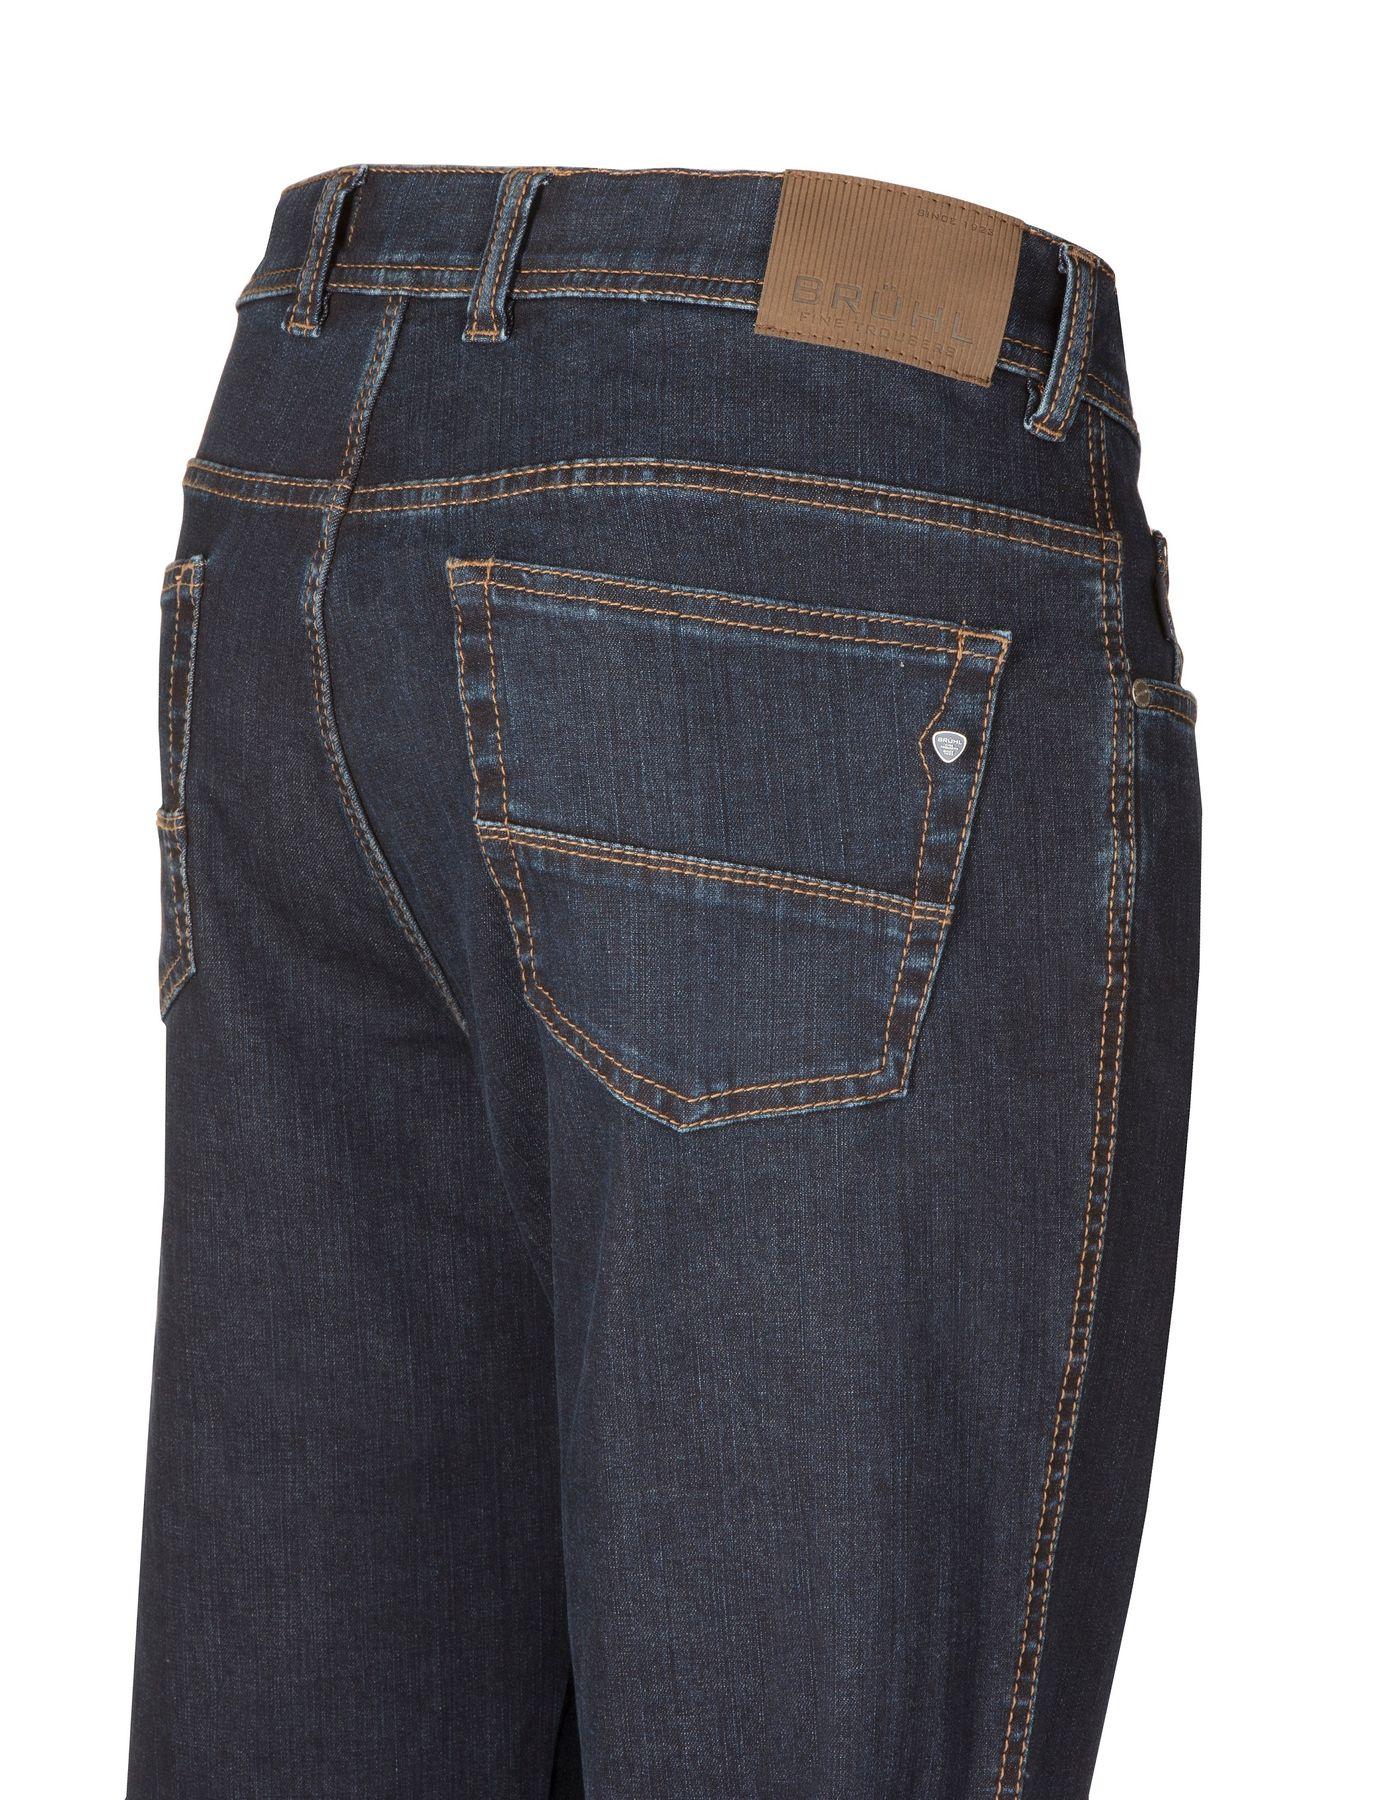 Brühl - Herren 5-Pocket Jeans in verschiedenen Farben, Genua 3 (0564191180100) – Bild 6